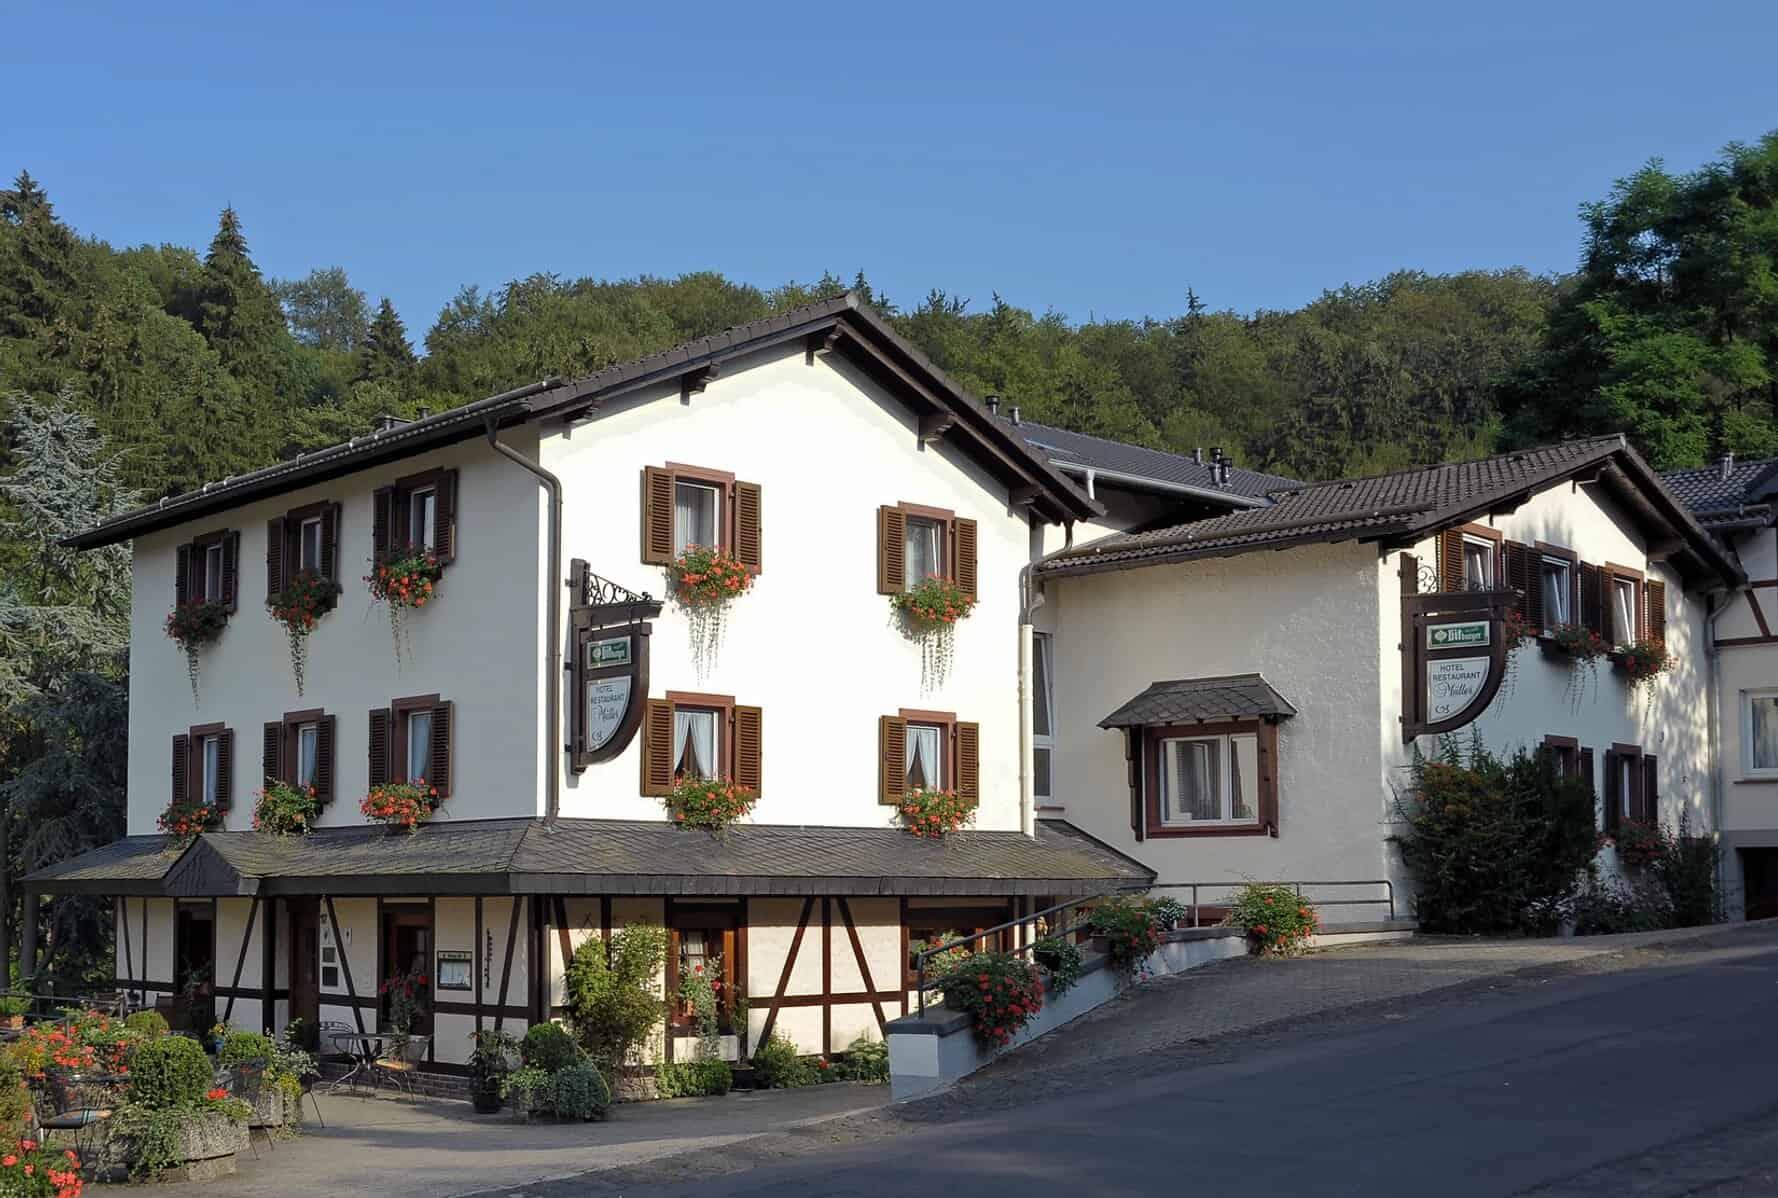 Landhotel Müller in Daun, Duitsland